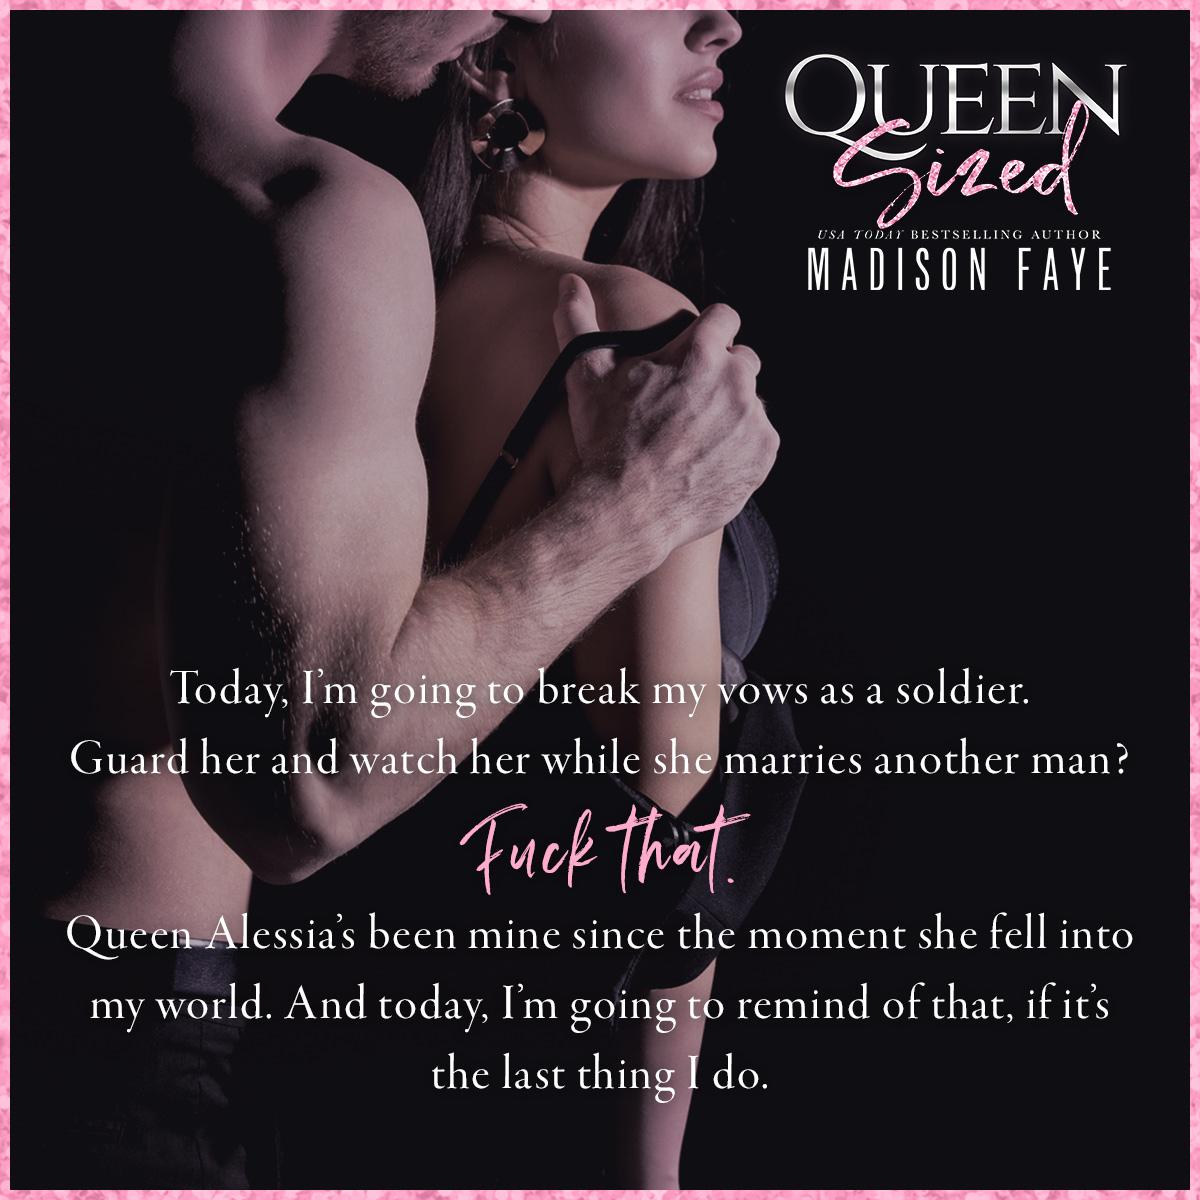 MF_QueenSized_Teaser3.jpg